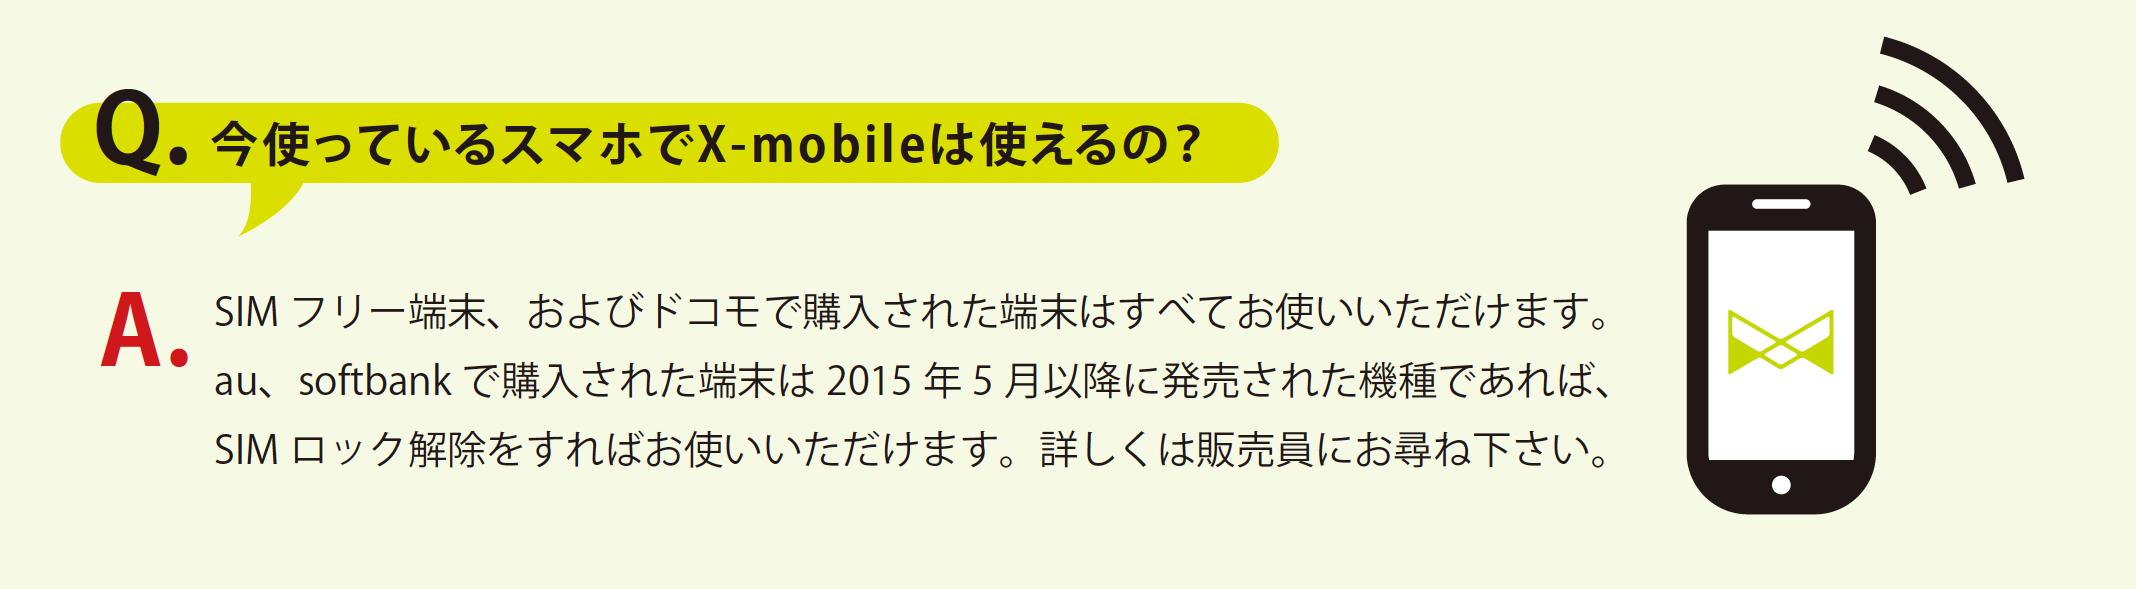 Q. 今使っているスマホでX-mobileは使えるの?A.SIM フリー端末、およびドコモで購入された端末はすべてお使いいただけます。 au、softbank で購入された端末は2015 年5 月以降に発売された機種であれば、 SIM ロック解除をすればお使いいただけます。詳しくは販売員にお尋ね下さい。